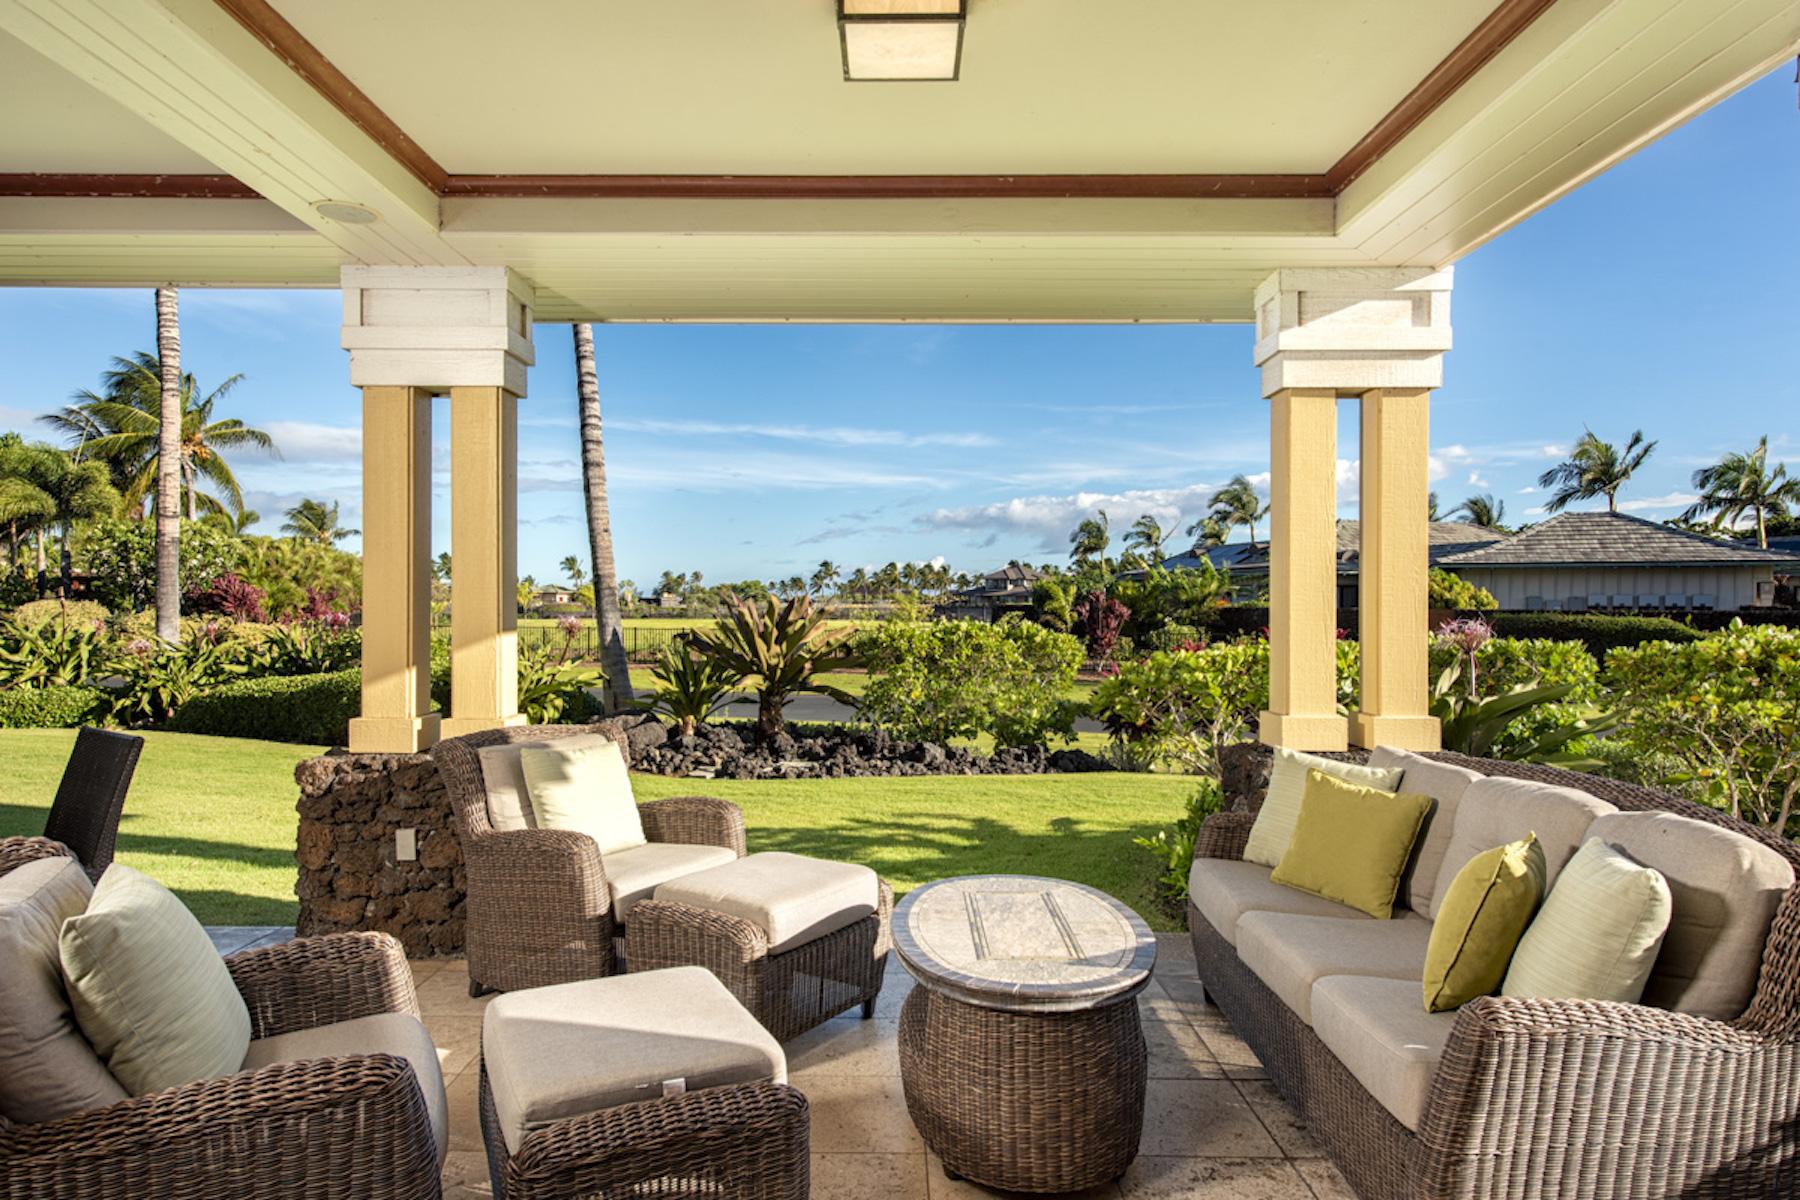 独户住宅 为 销售 在 Kolea Condo Villas 69-1000 Kolea Kai Circle 3D 威克洛亚, 夏威夷 96738 美国